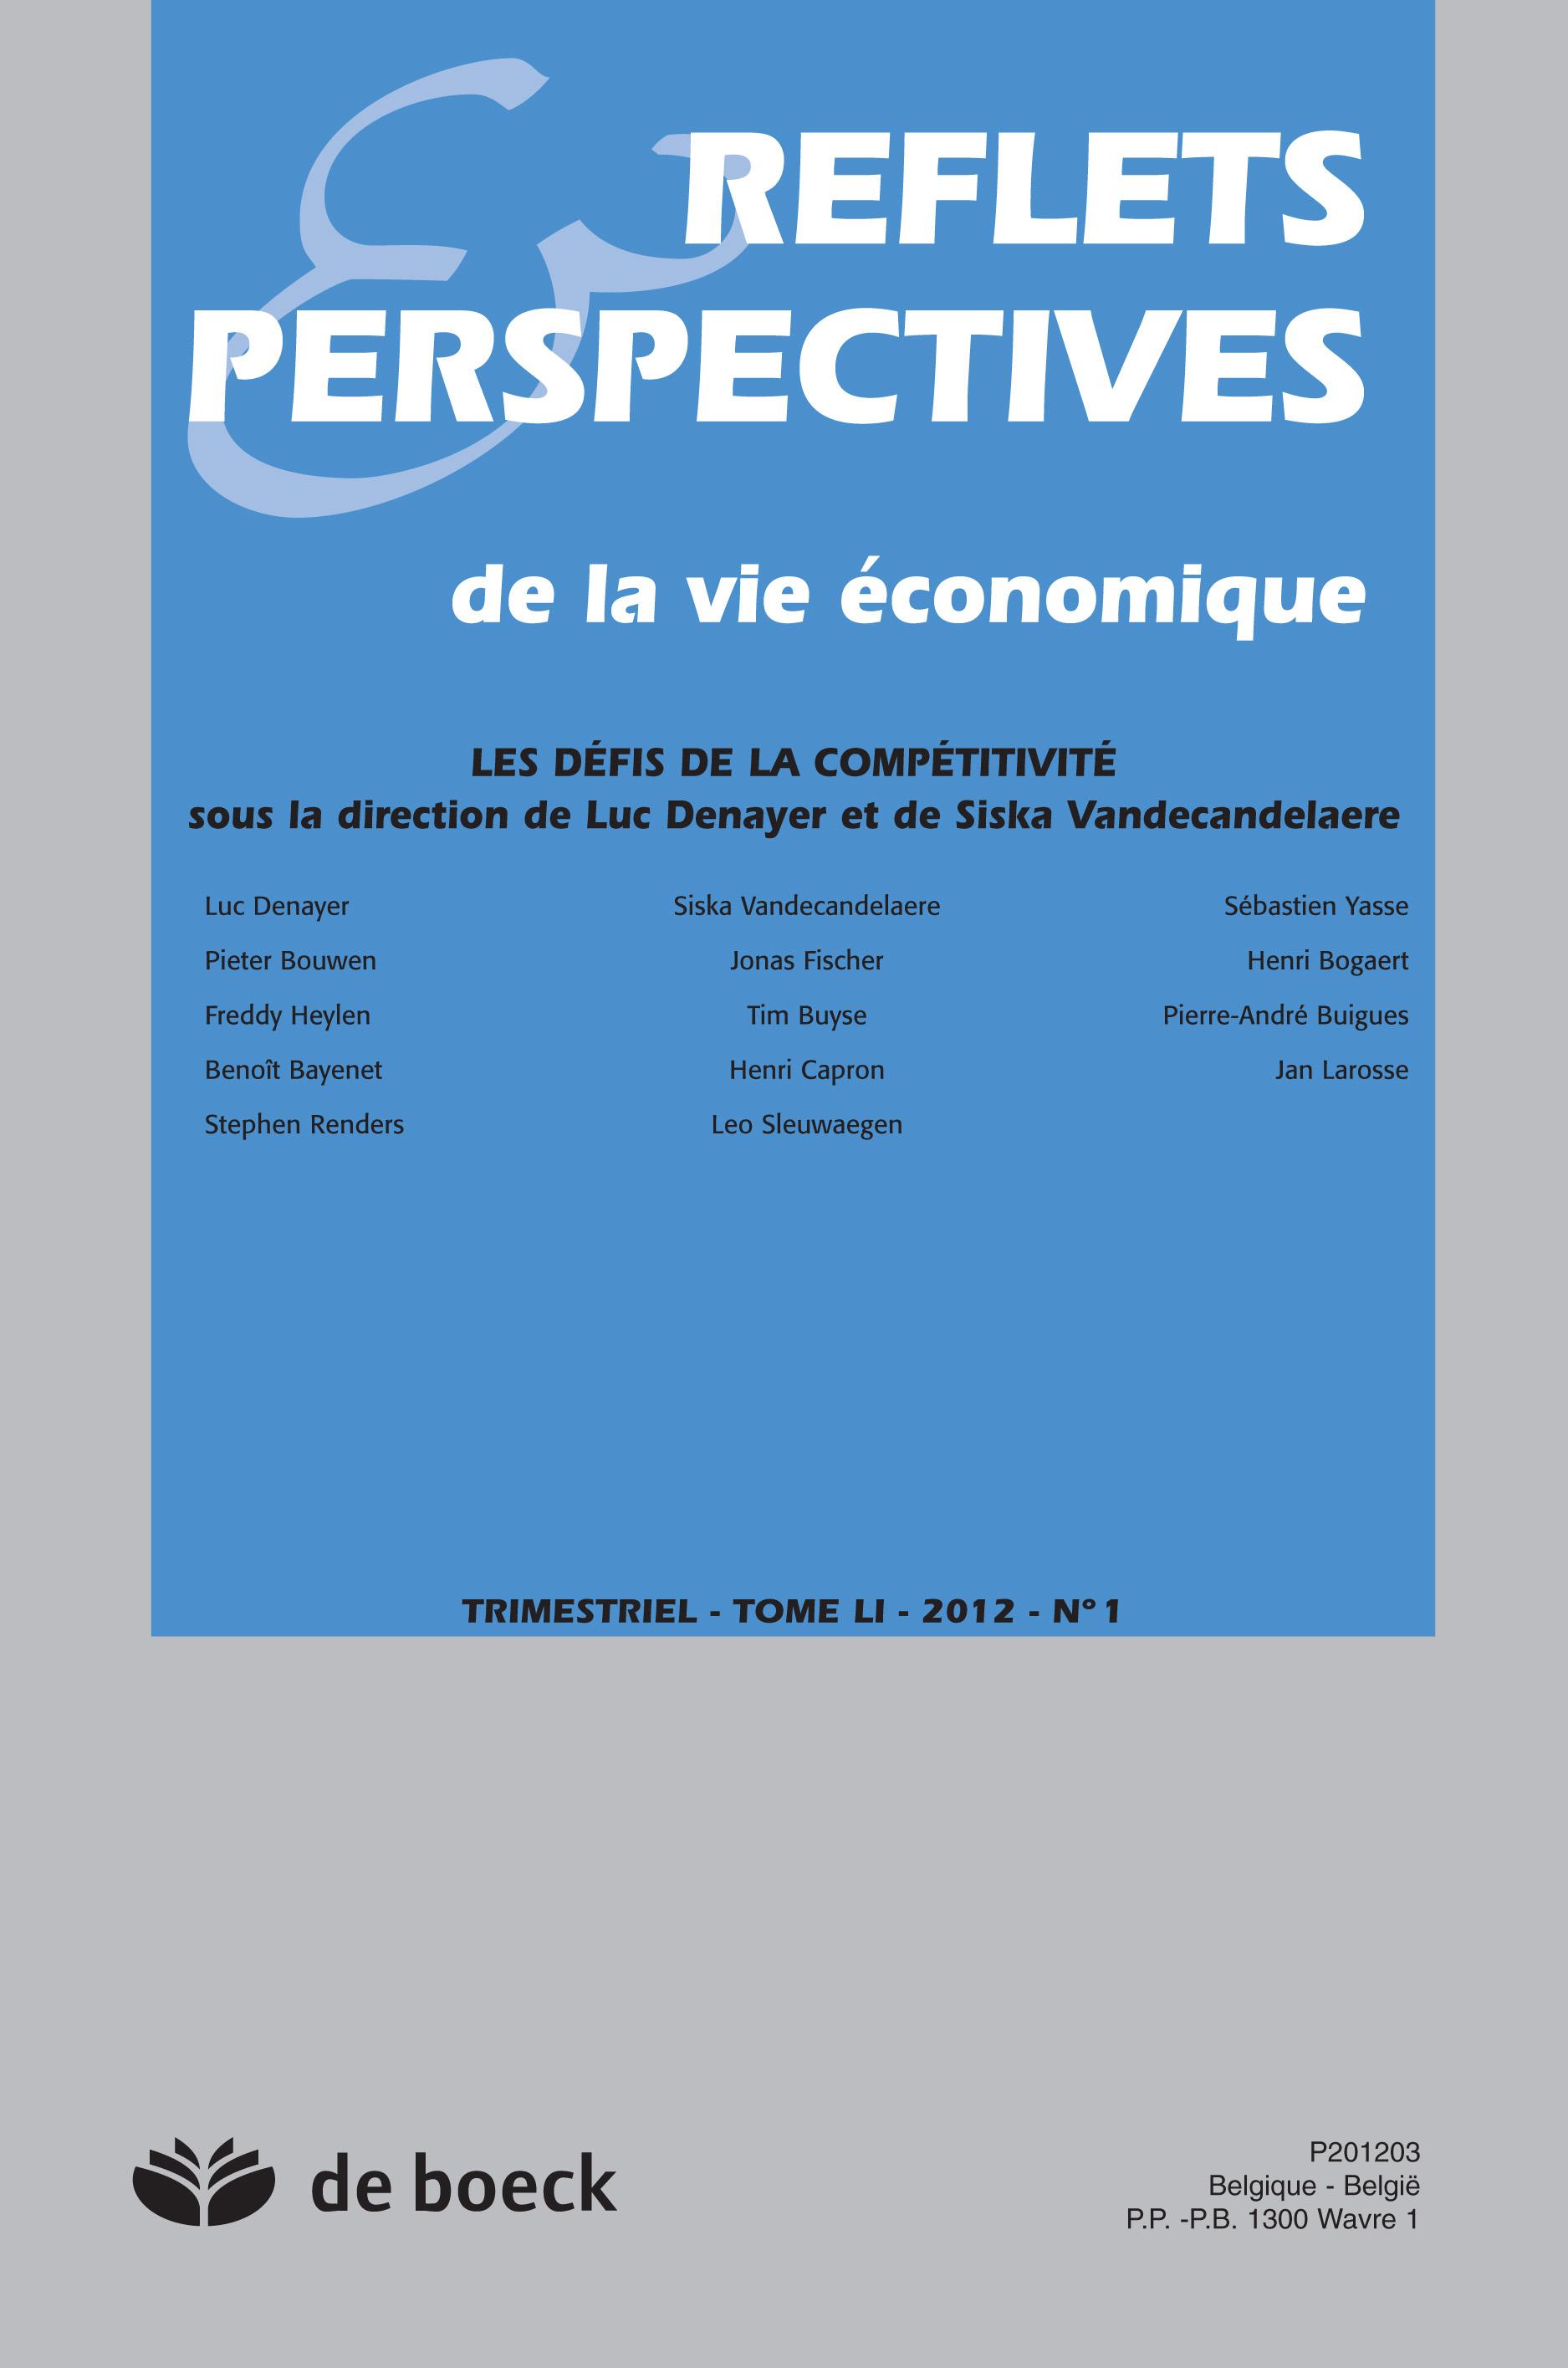 REFLETS ET PERSPECTIVES DES LA VIE ECONOMIQUE 2012/1